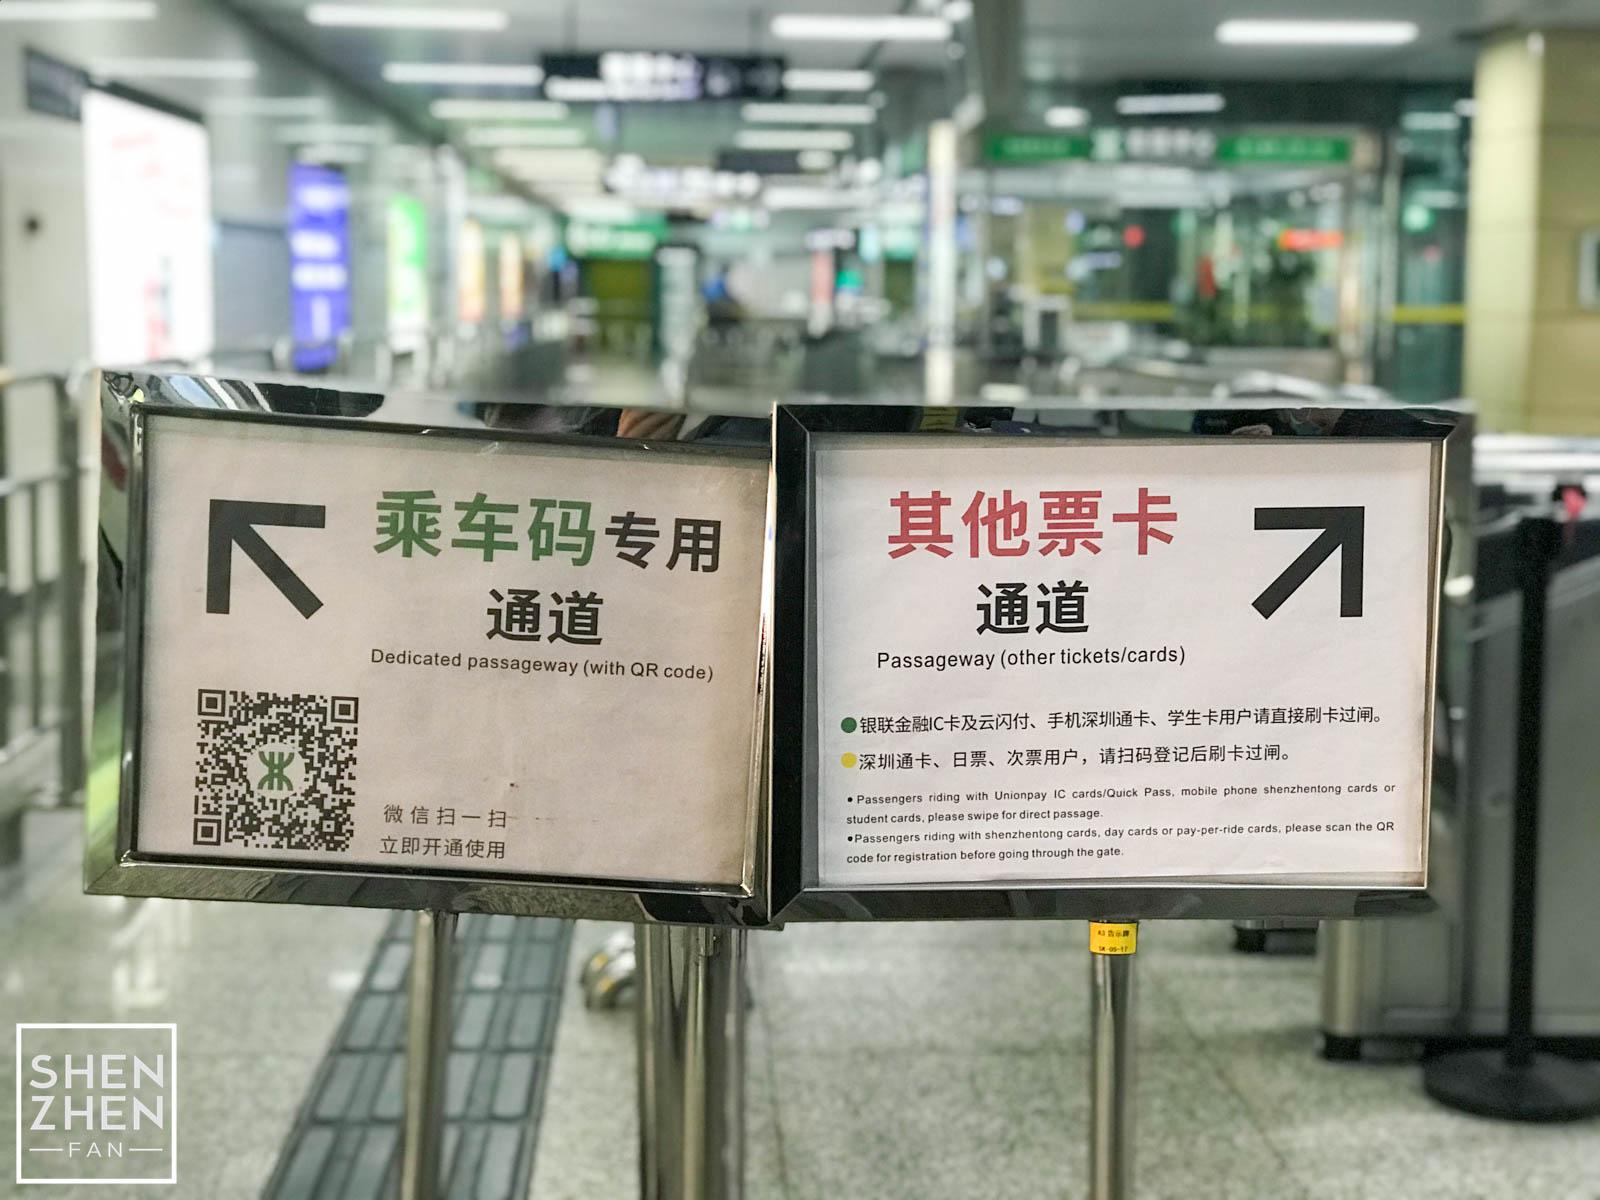 (2/20 更新)【新型コロナウイルス肺炎対策】2月16日より深圳地下鉄では実名登録乗車を開始。登録方法解説